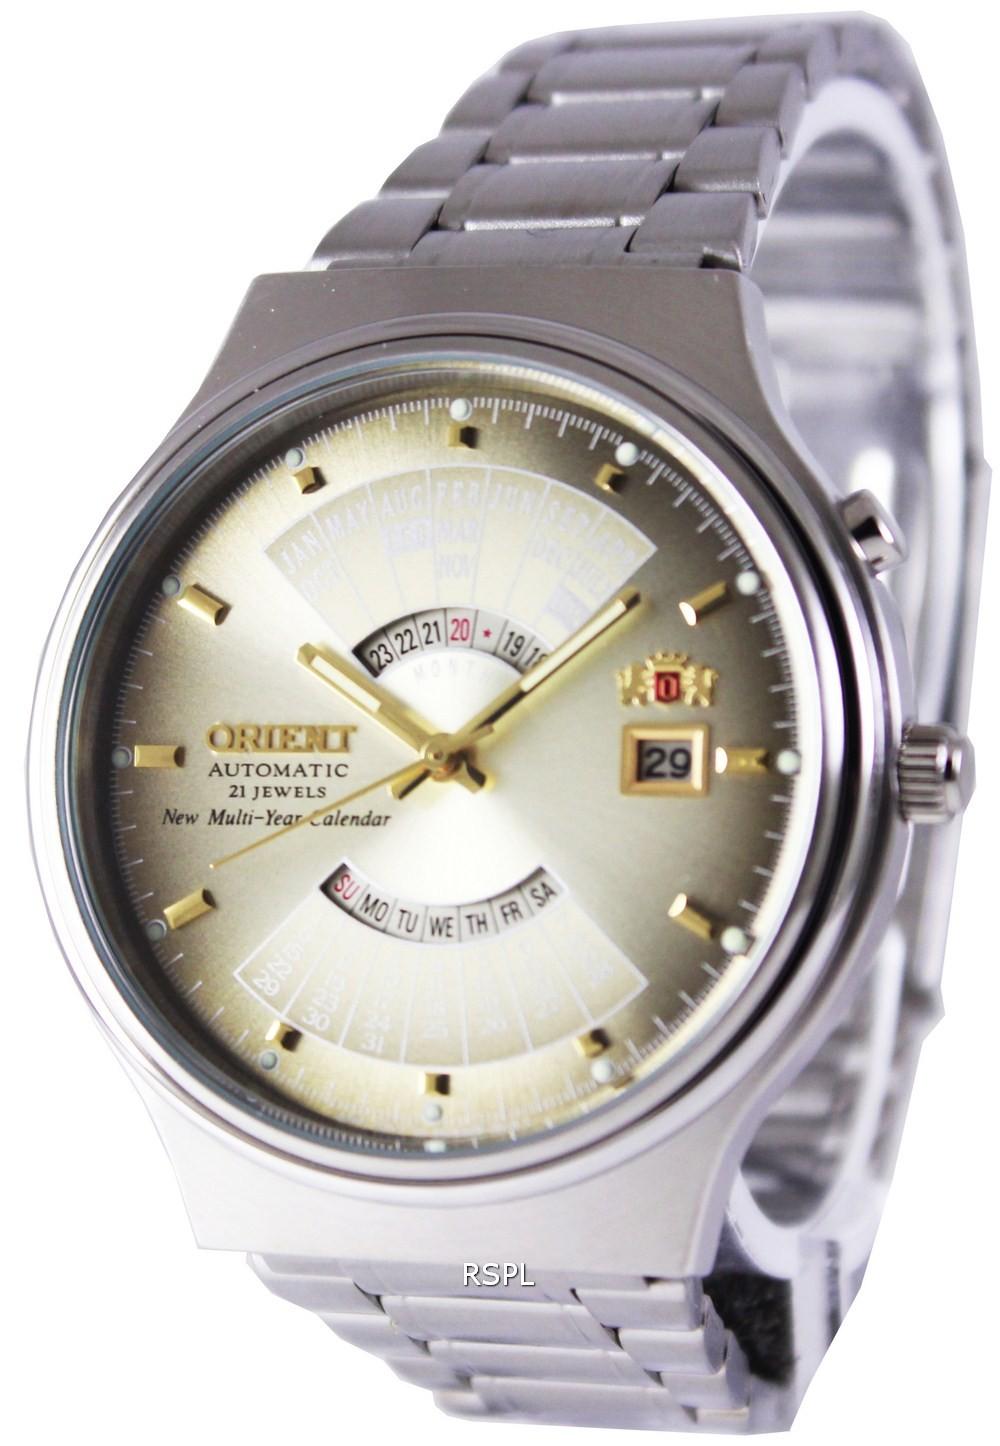 นาฬิกาผู้ชาย Orient รุ่น FEU00002UW, Automatic 21 Jewels Multi Year Calendar